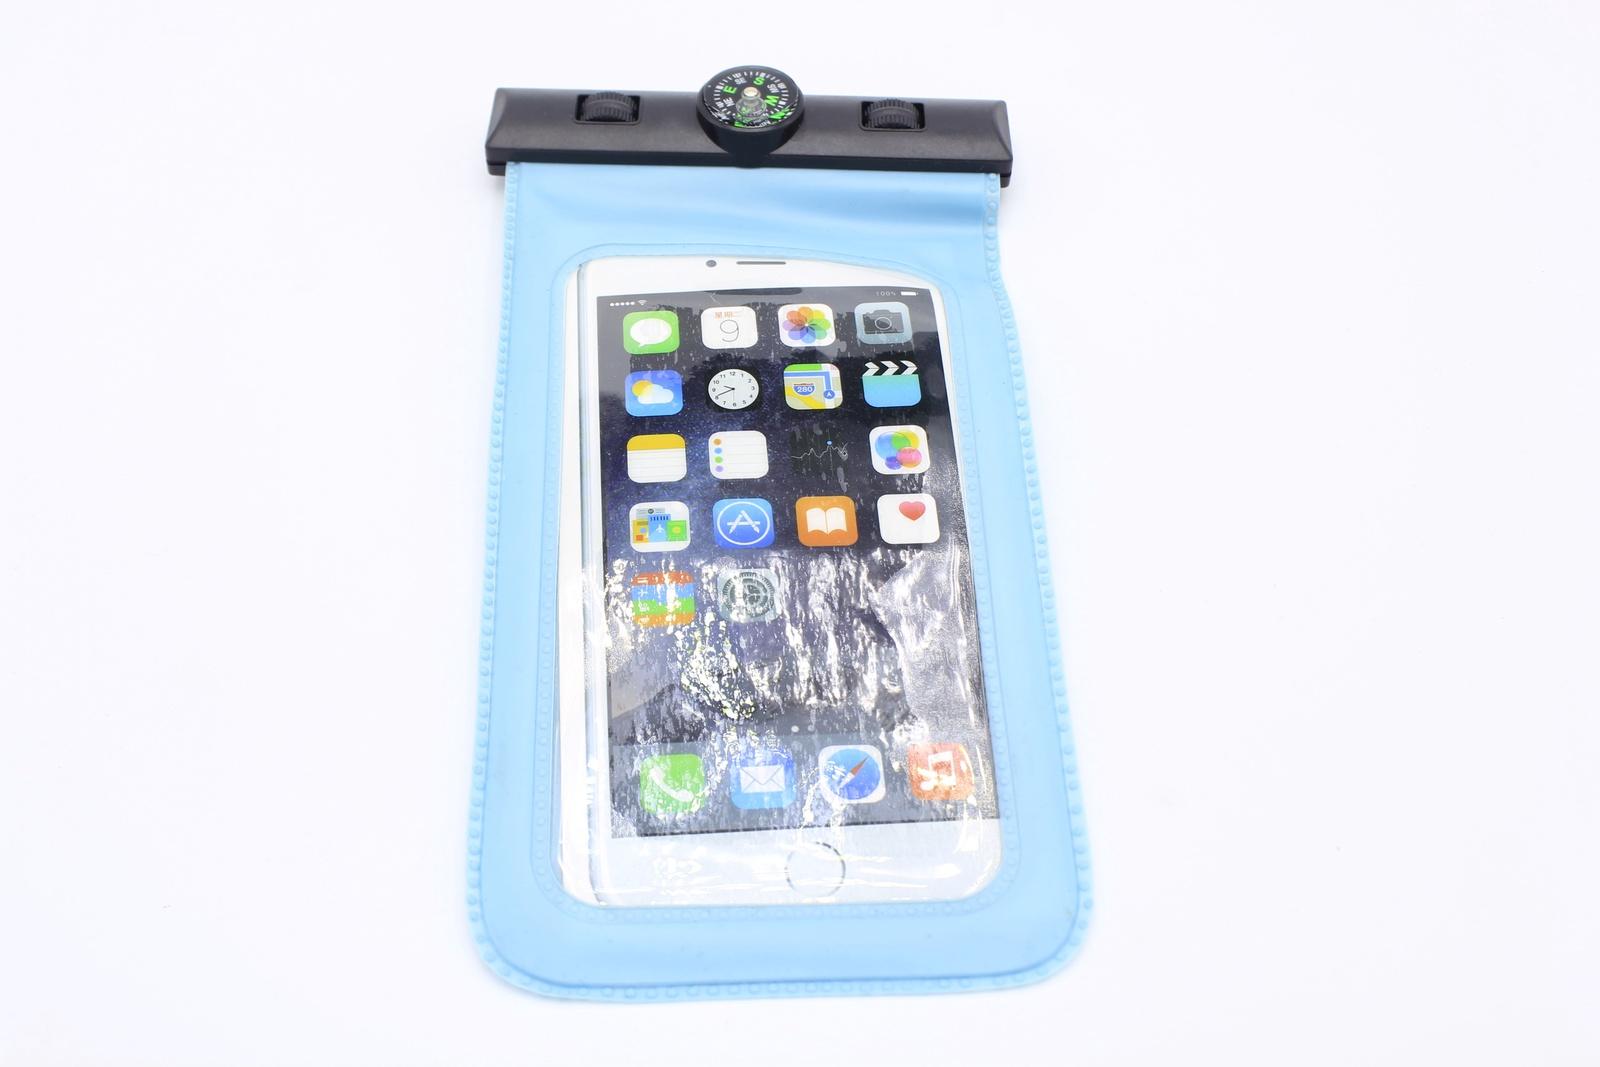 Водонепроницаемый чехол для телефона универсальный с компасом, голубой водонепроницаемый чехол для телефона цена